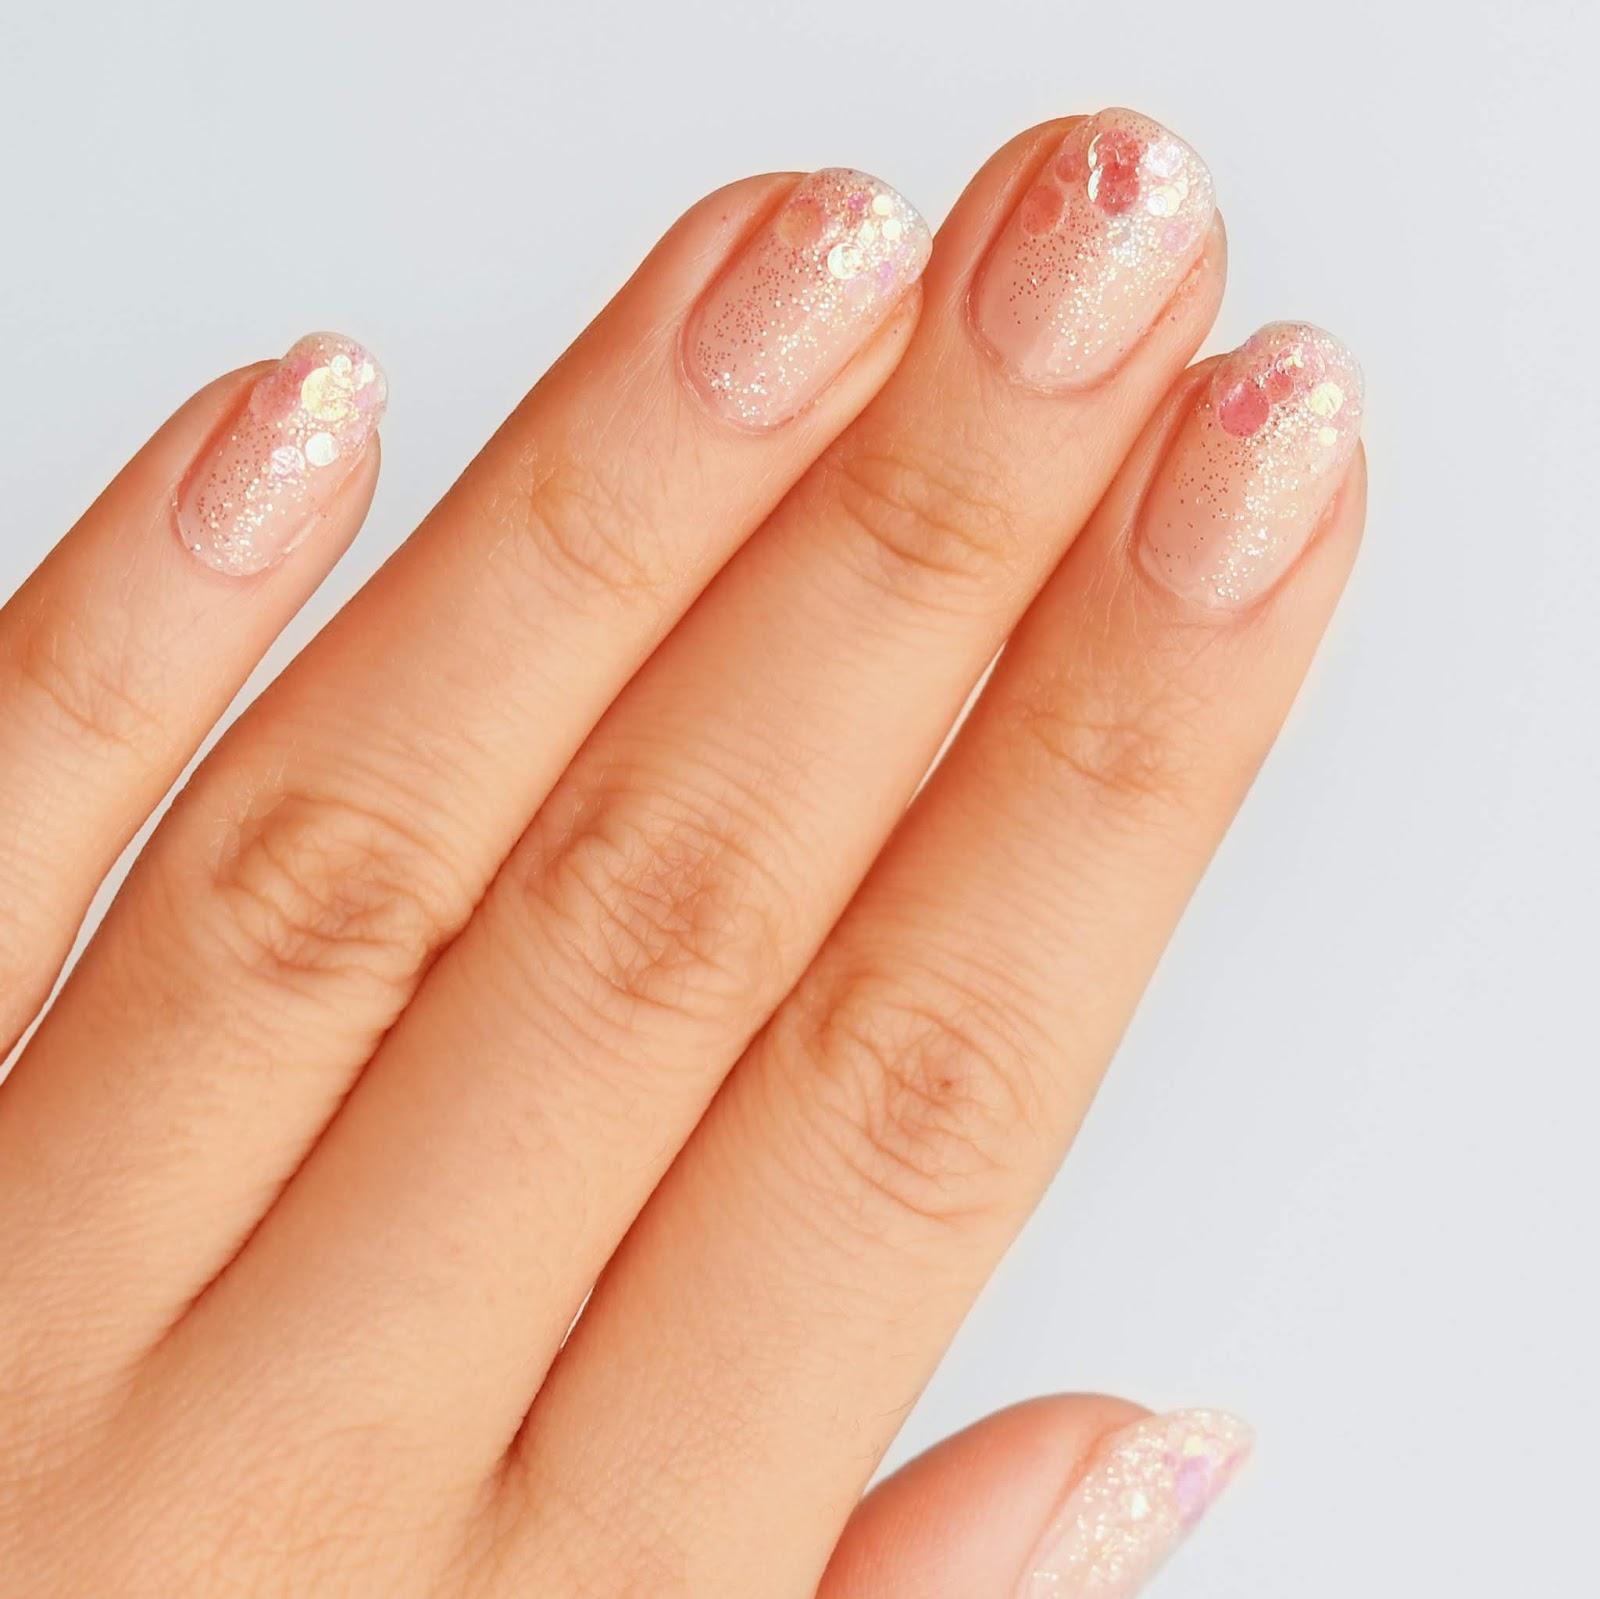 glitter tips nail art easy